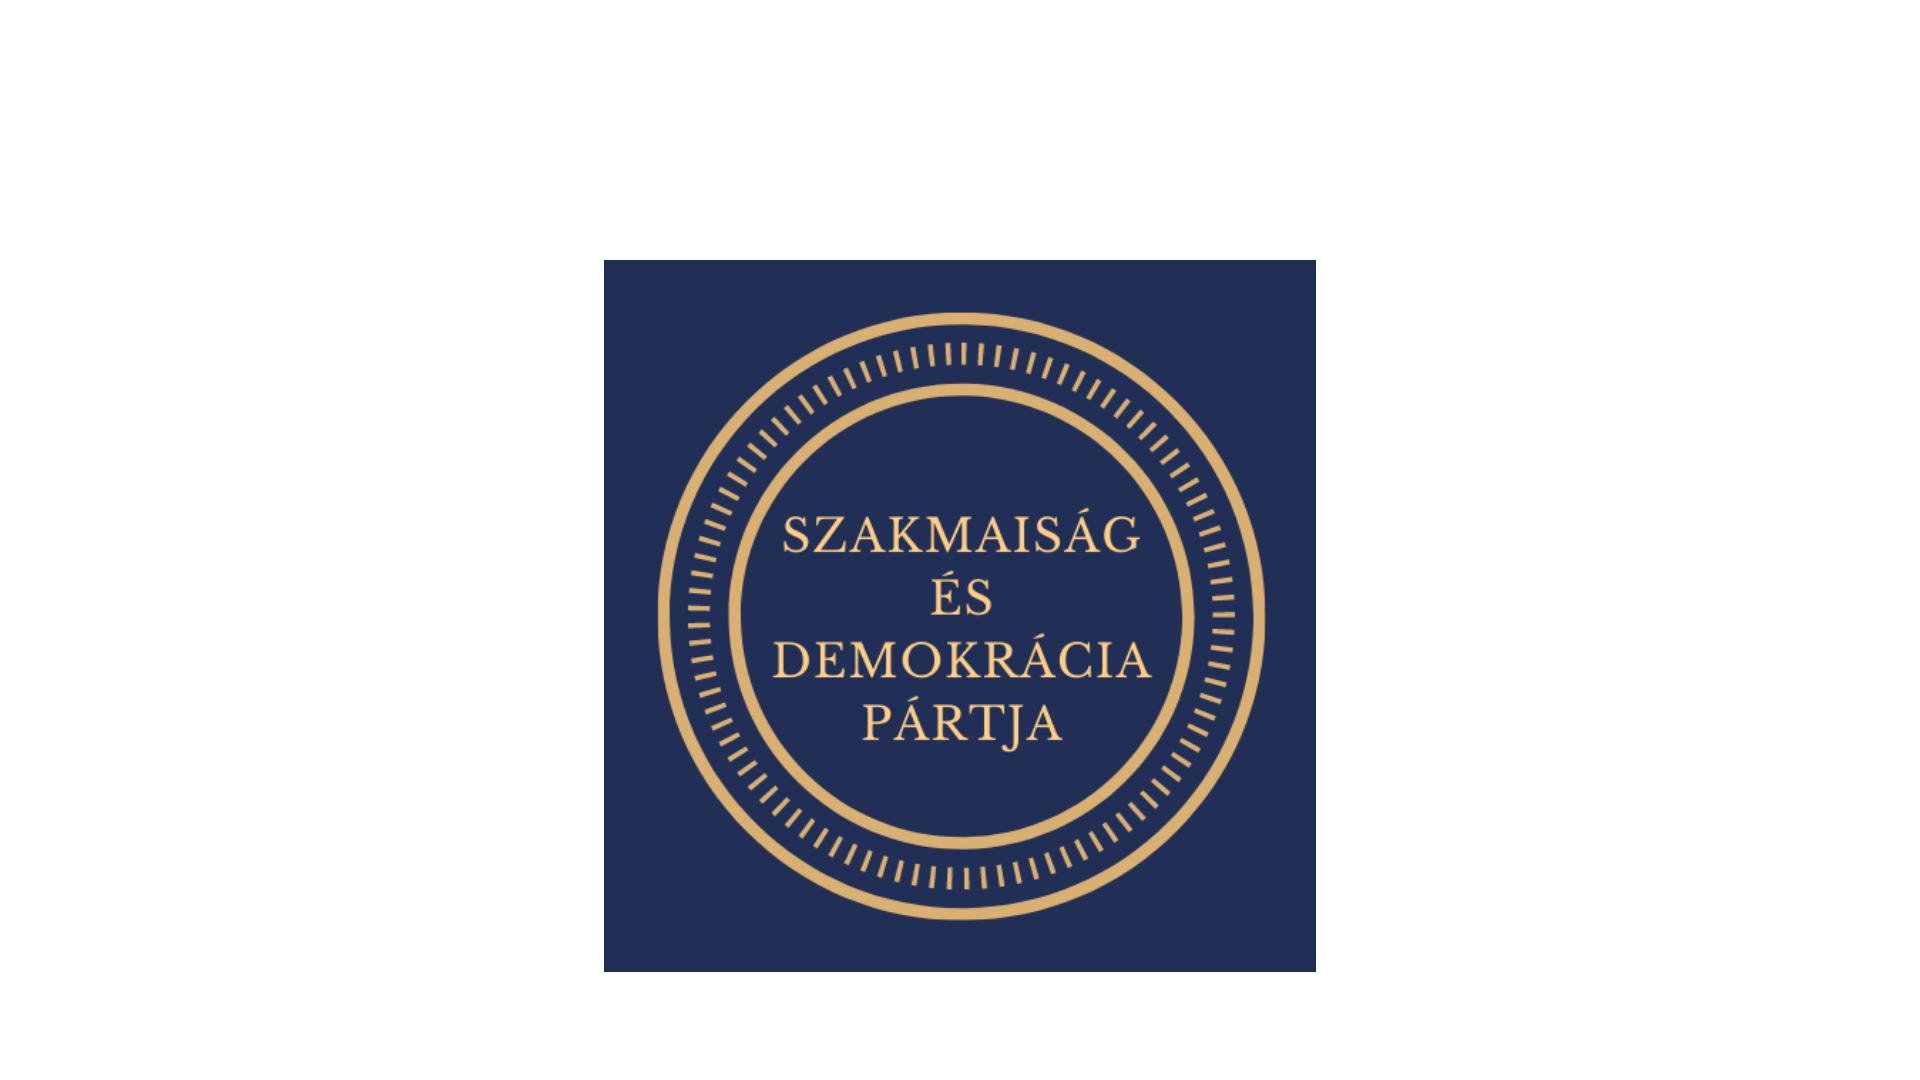 Szakmaiság és Demokrácia Pártja